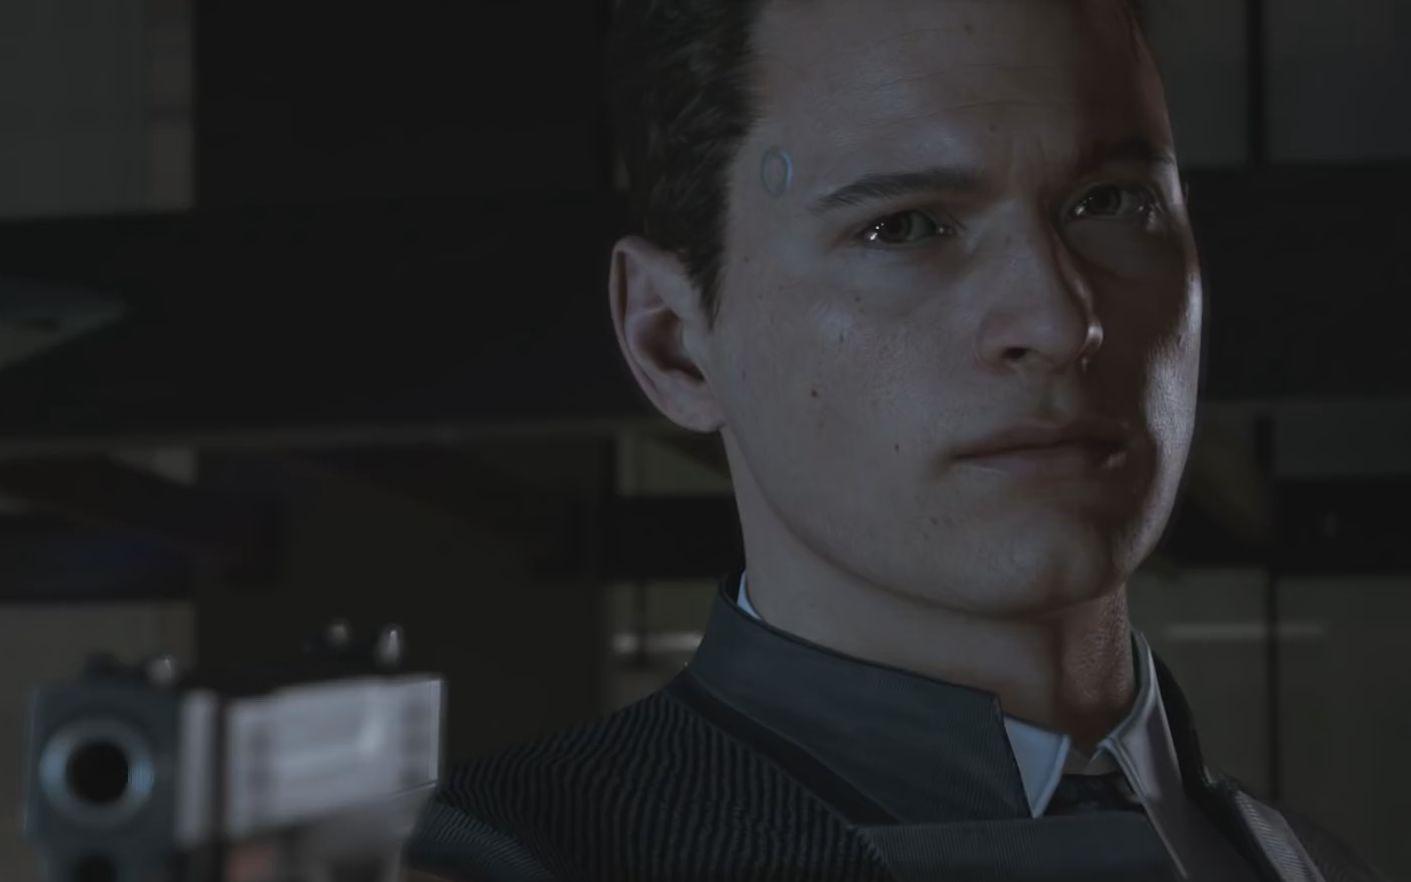 【敖厂长】云玩家在伤害游戏?